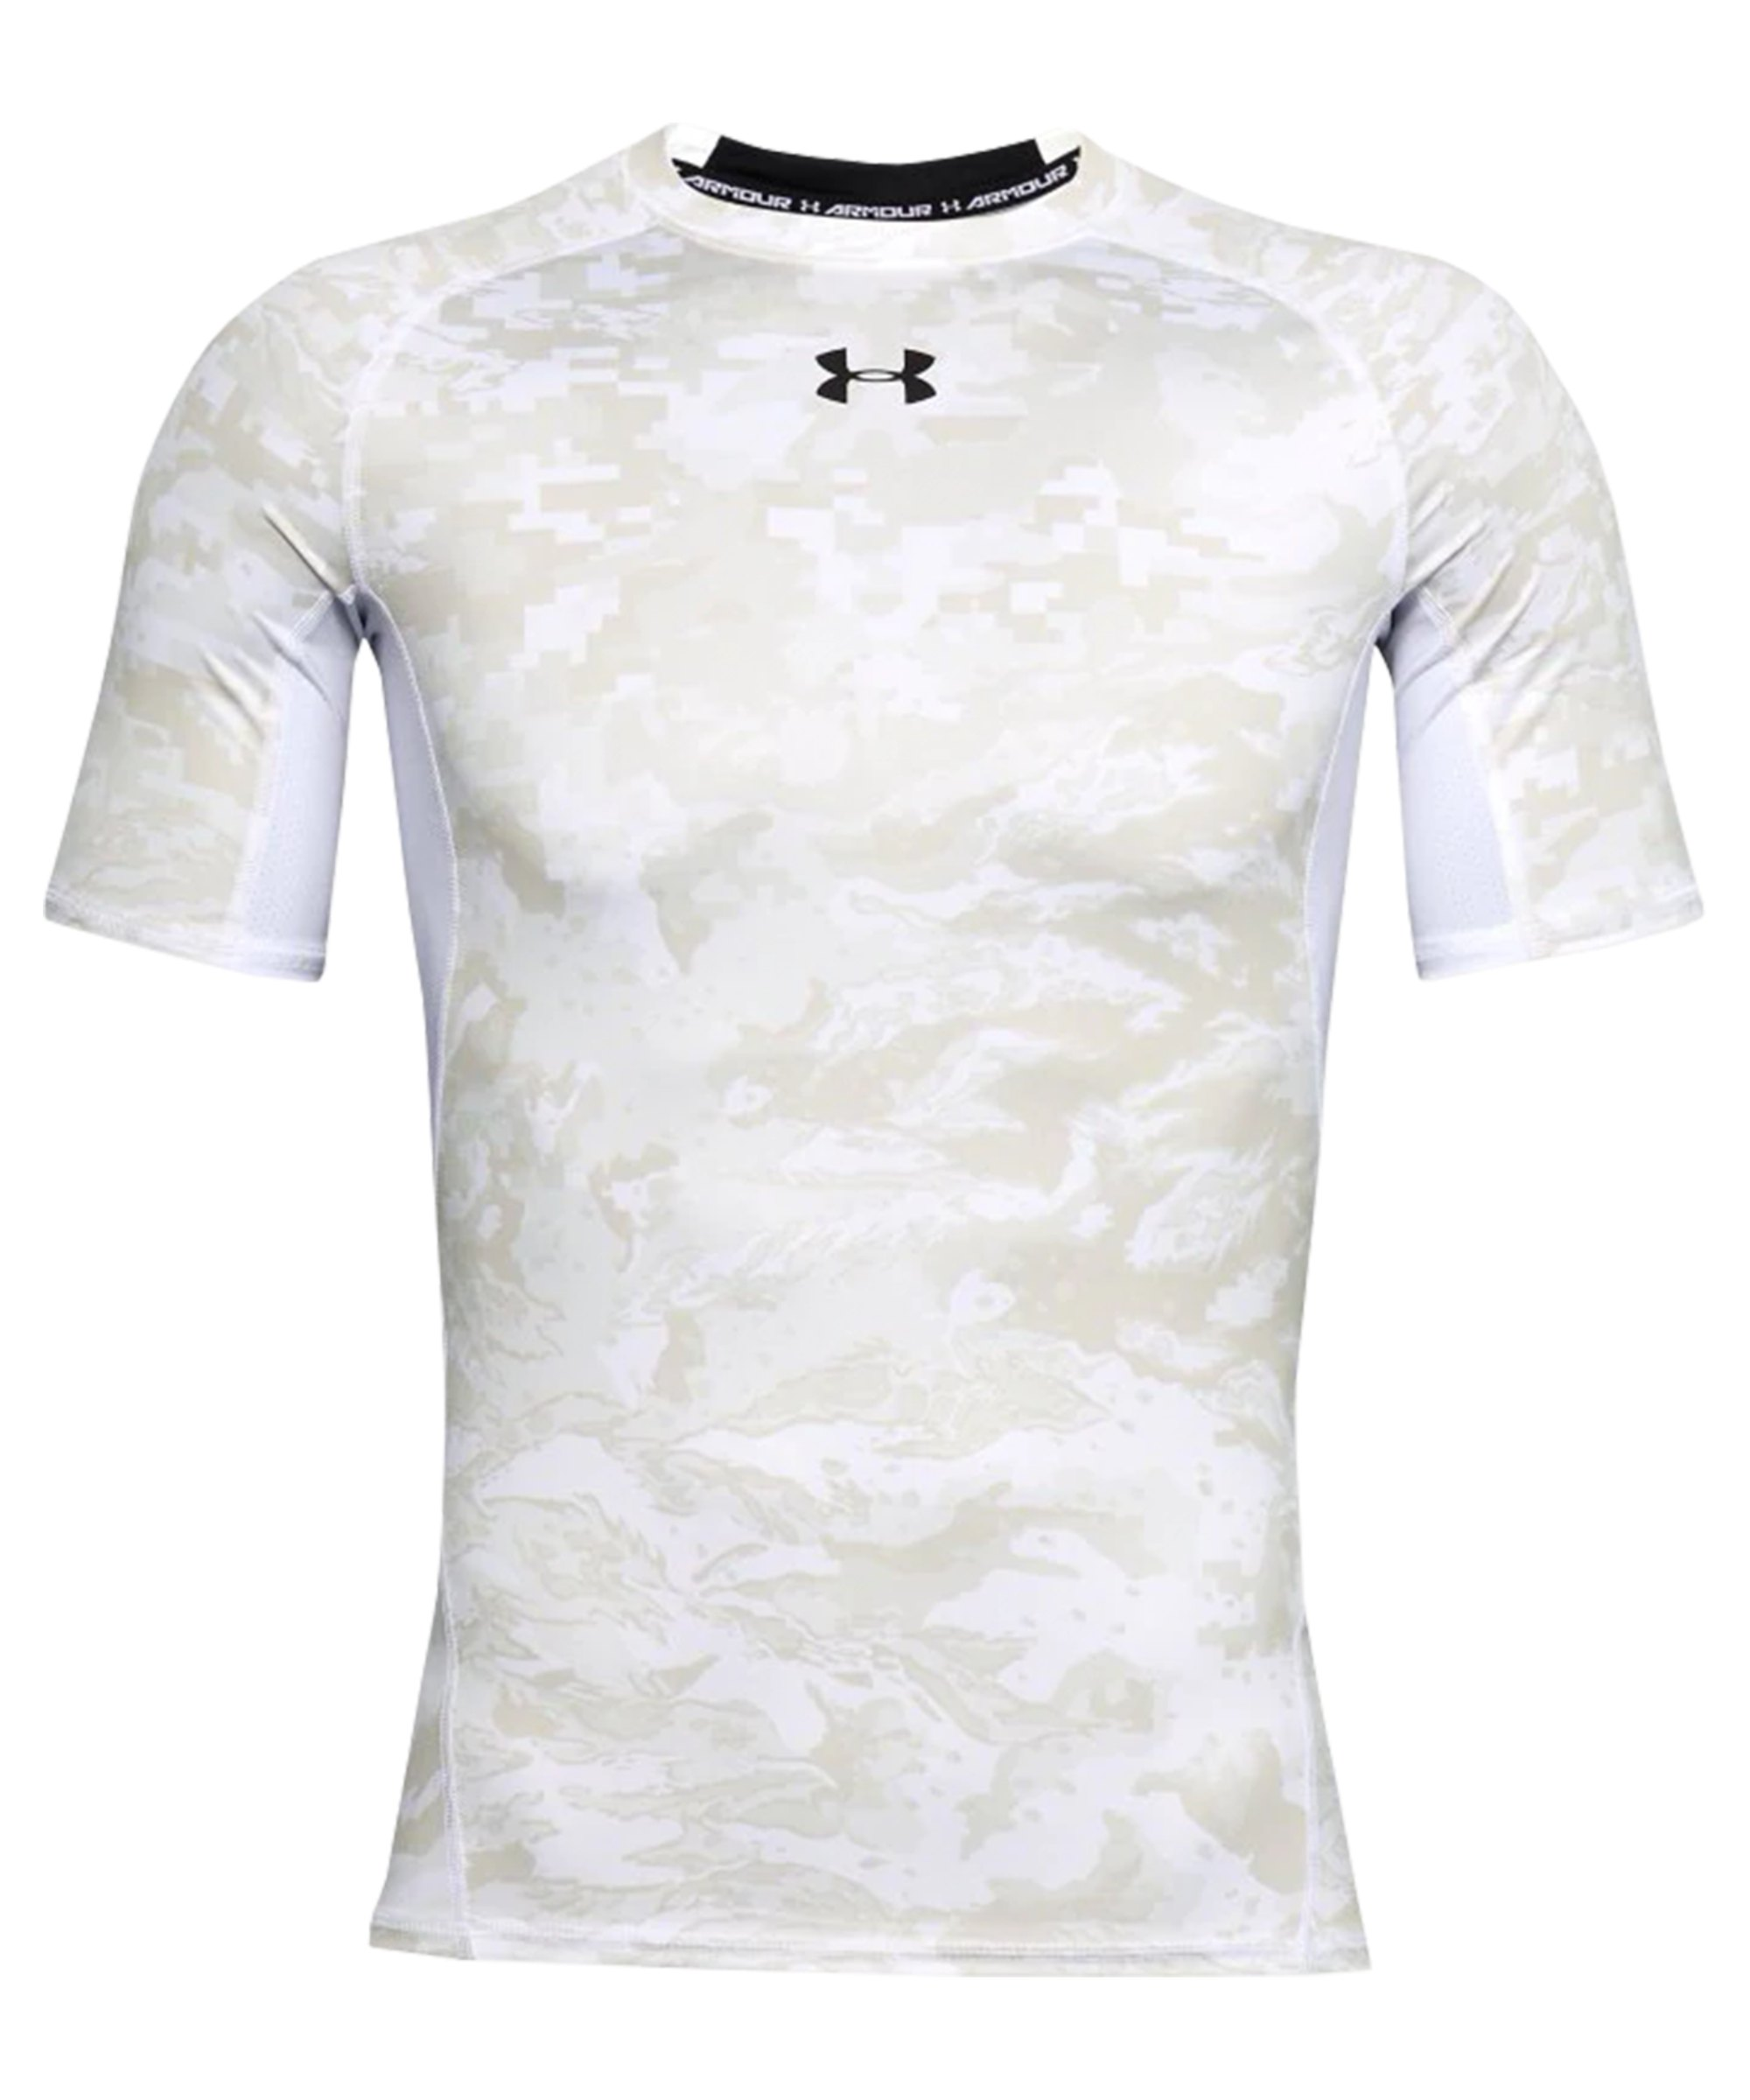 Under Armour Heatgear Print T-Shirt Weiss F102 - weiss